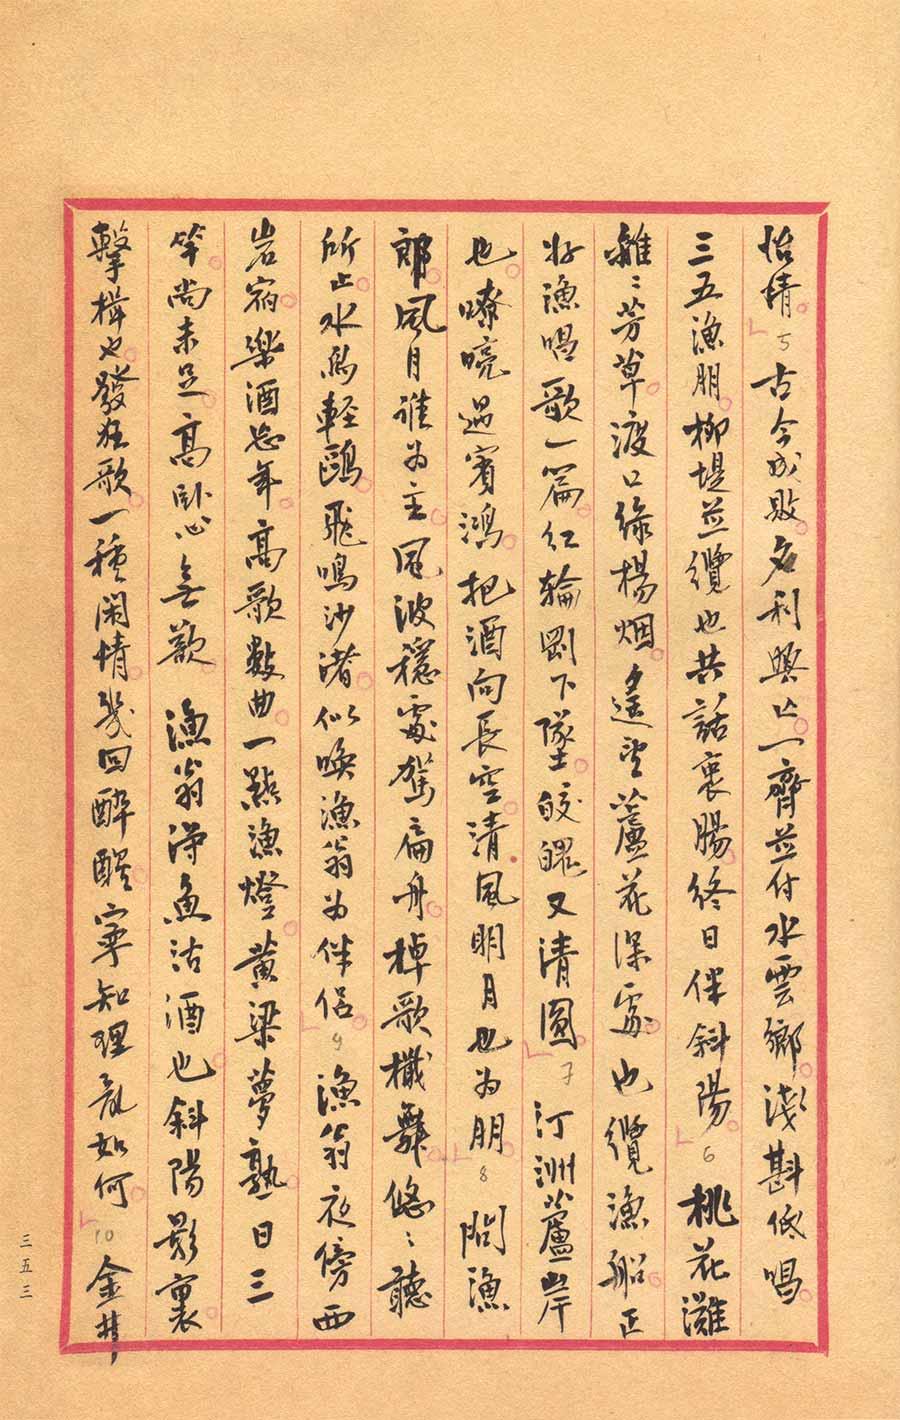 Manuscrit du Chant du Pêcheur. p. 2, par Cai L